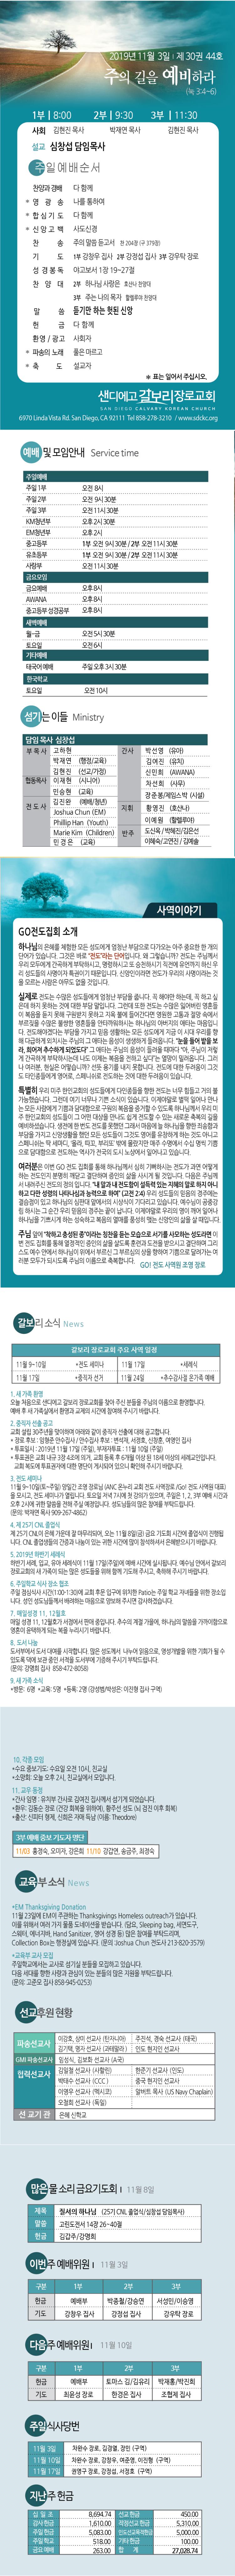 2019주보 11월 첫째주.png